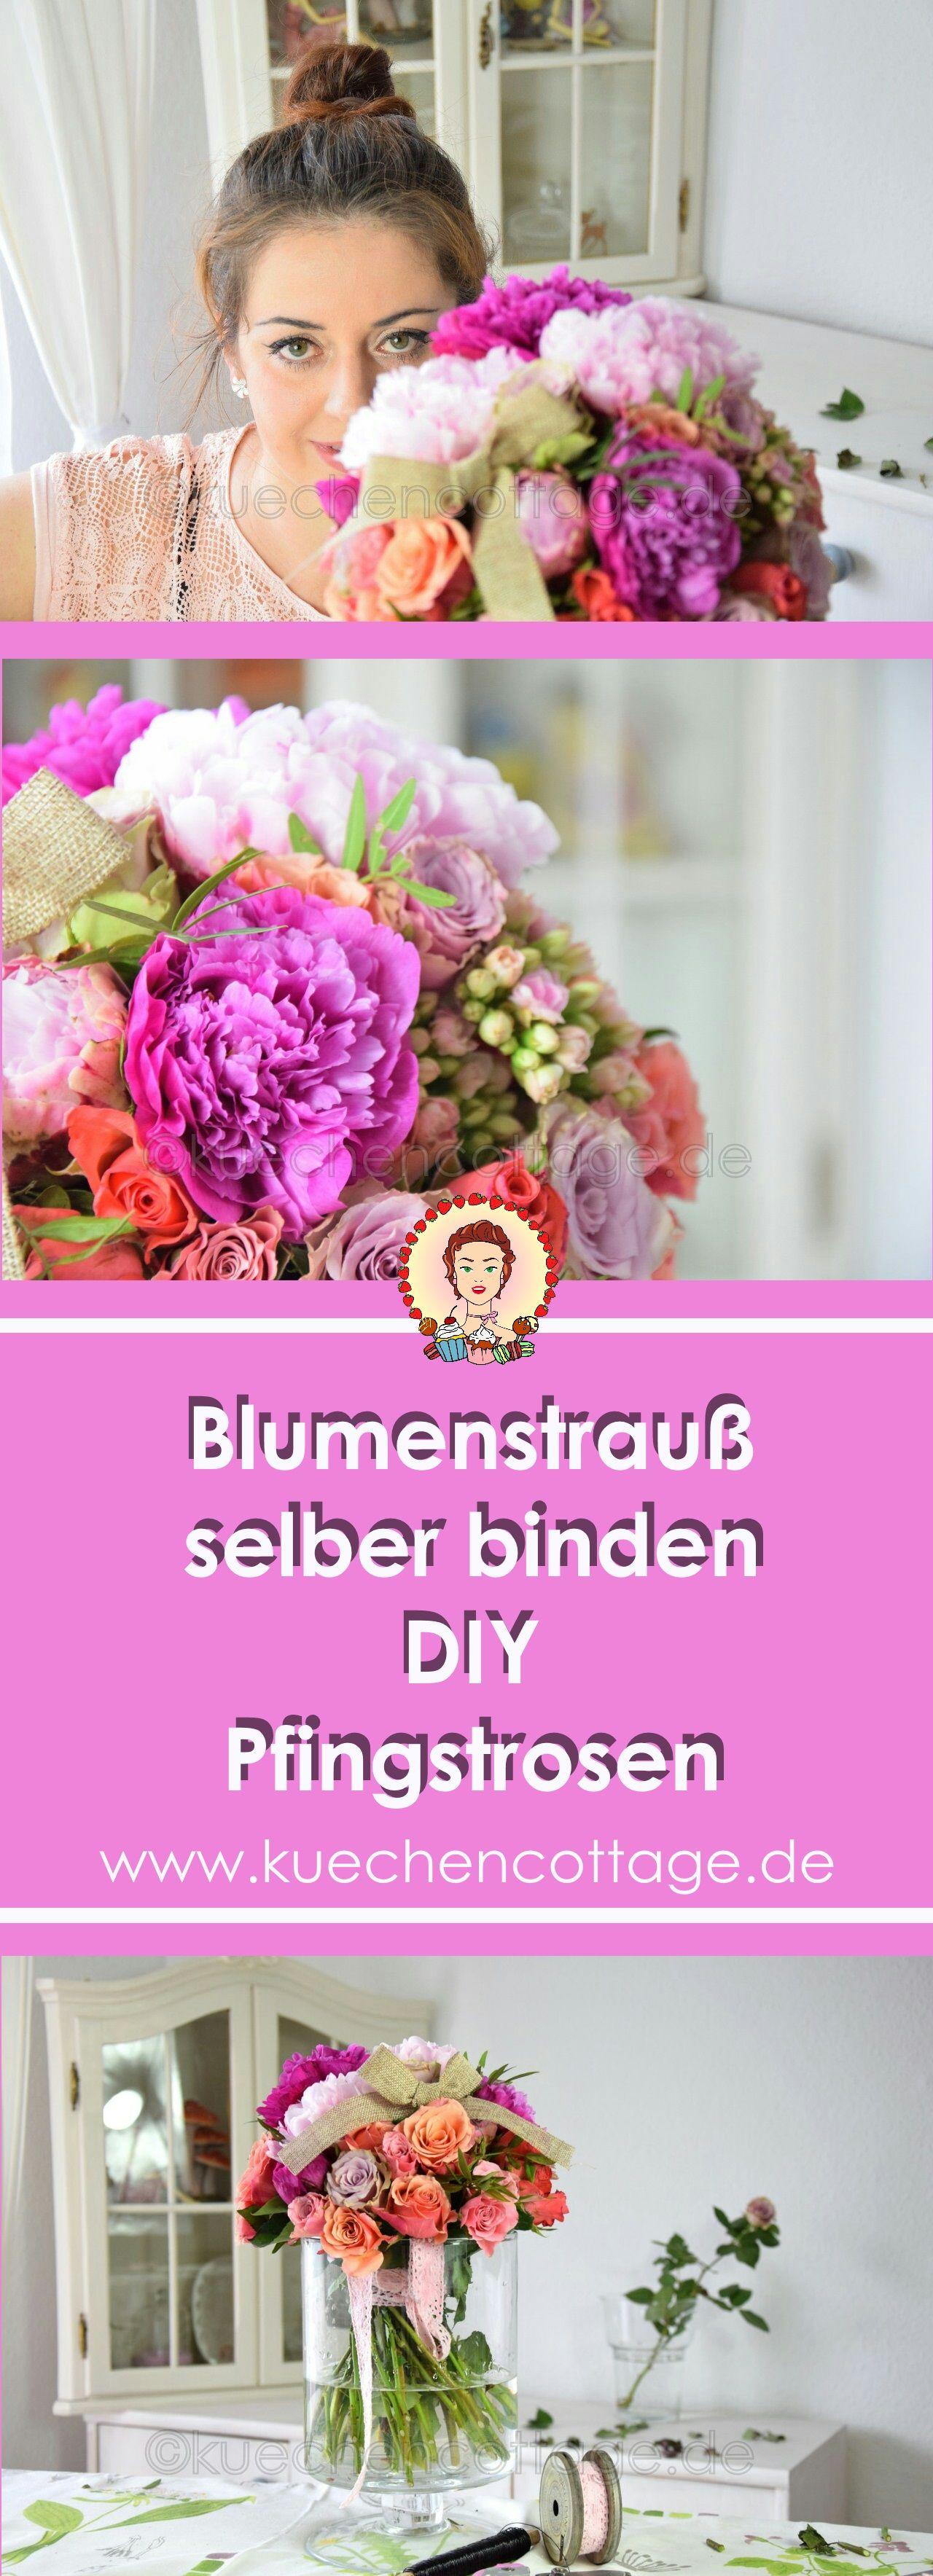 Blumenstrauß binden   DIY   Pfingstrosen   Selbstgemachte Geschenke ...